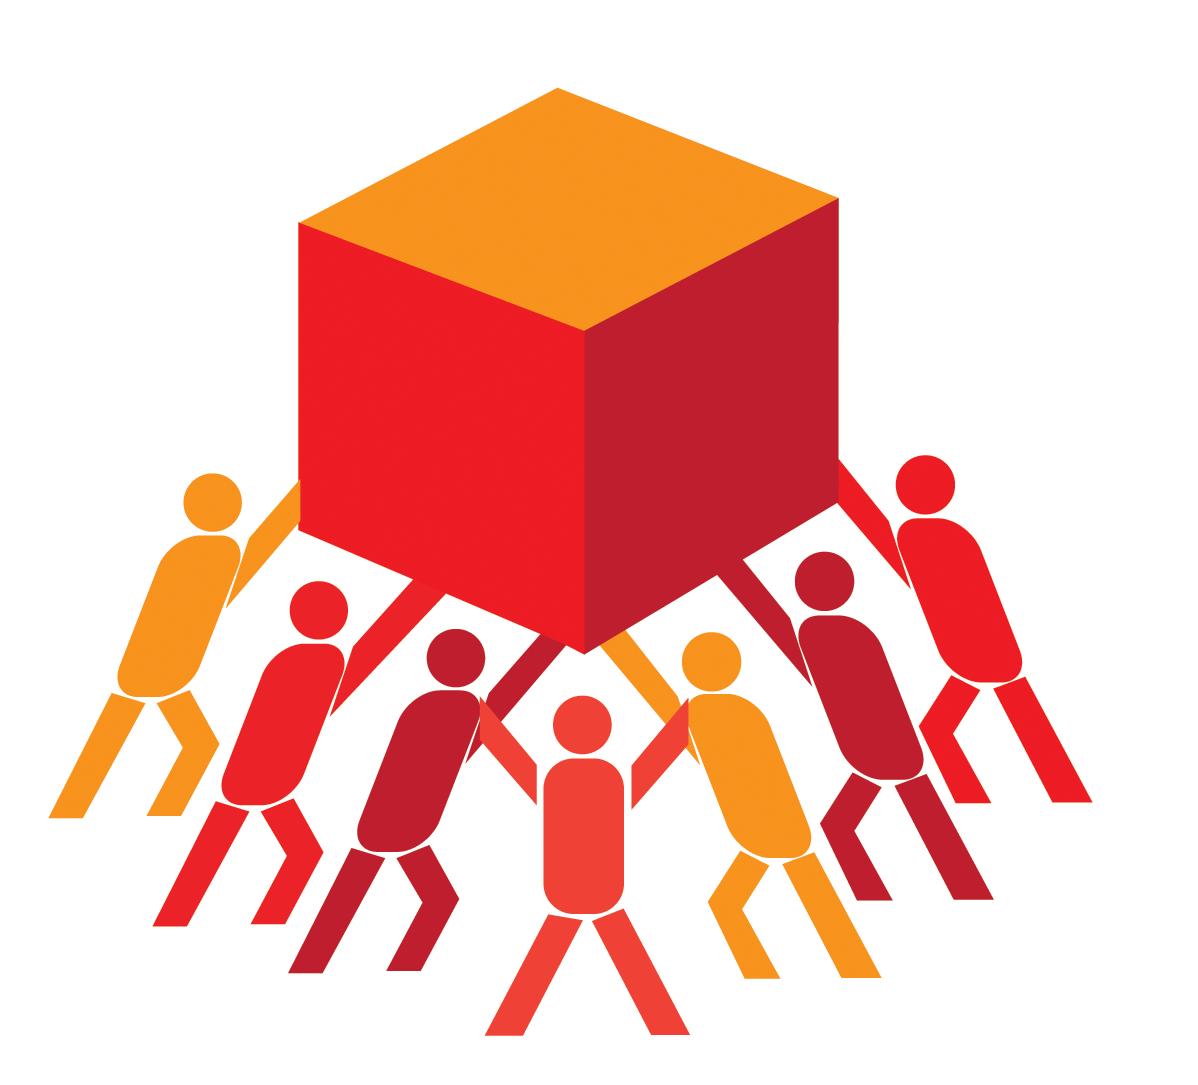 ICA_2012_iyc-logo-en_retallat